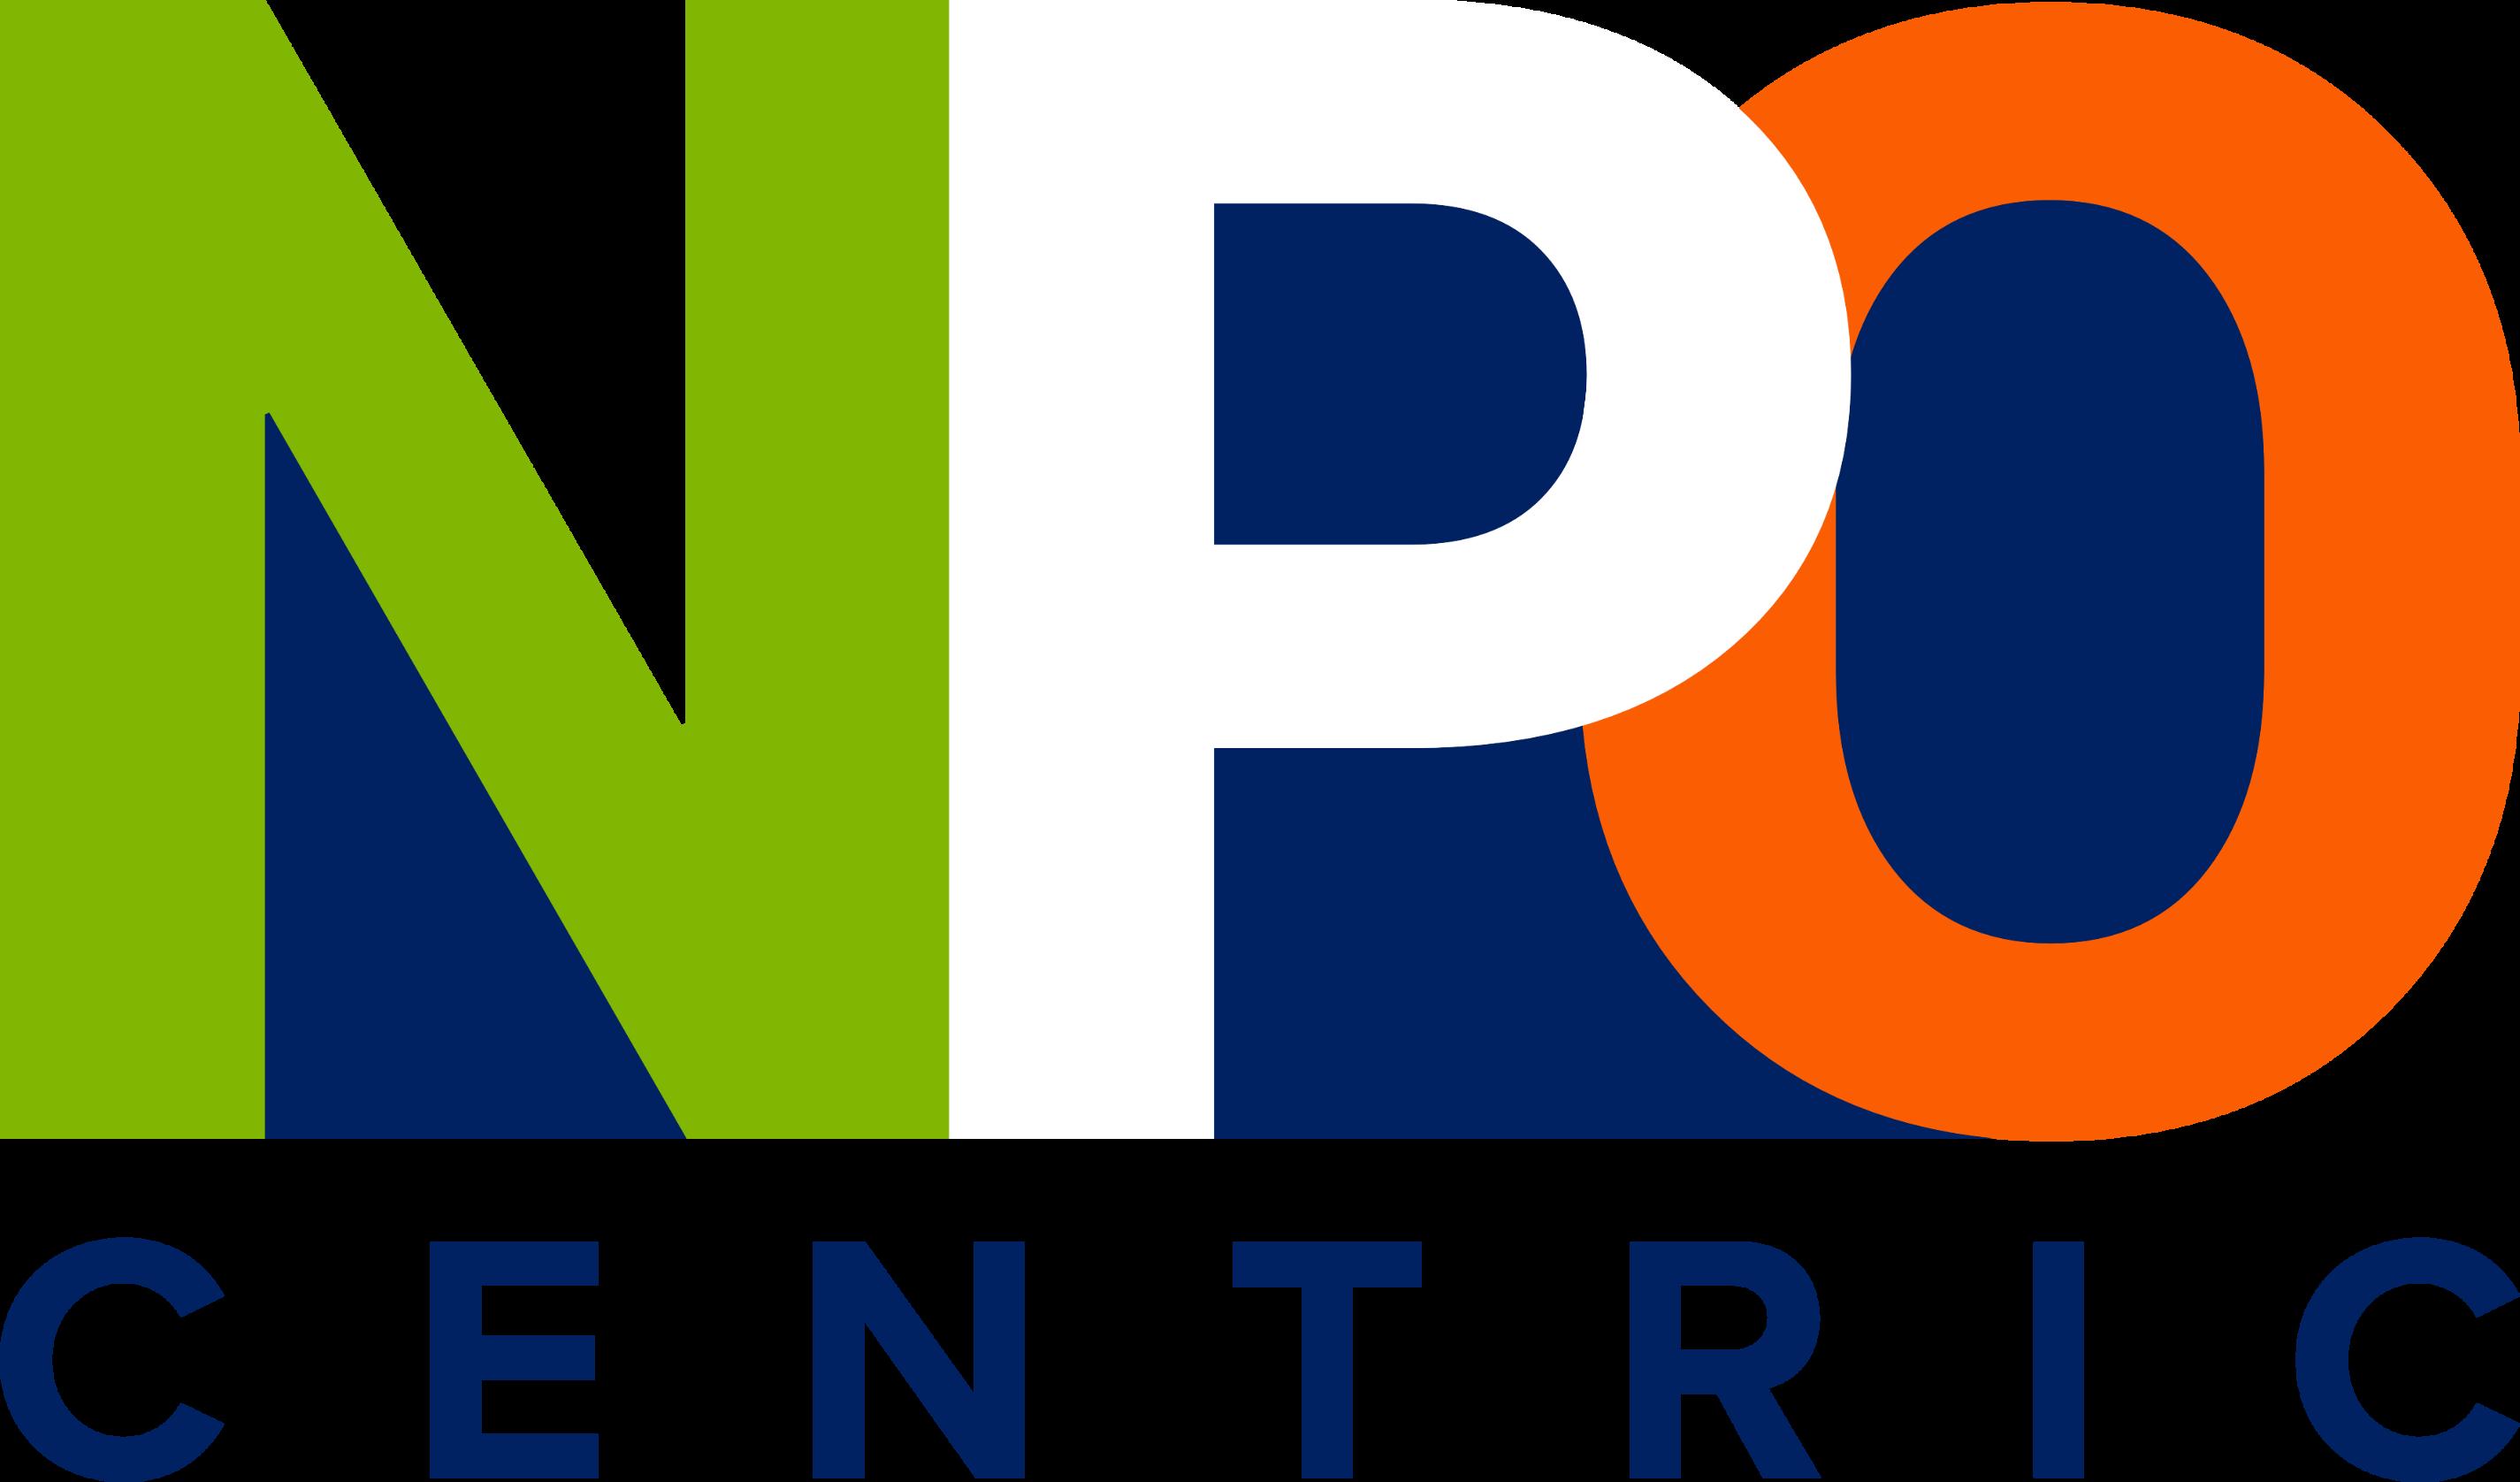 npo centric logo